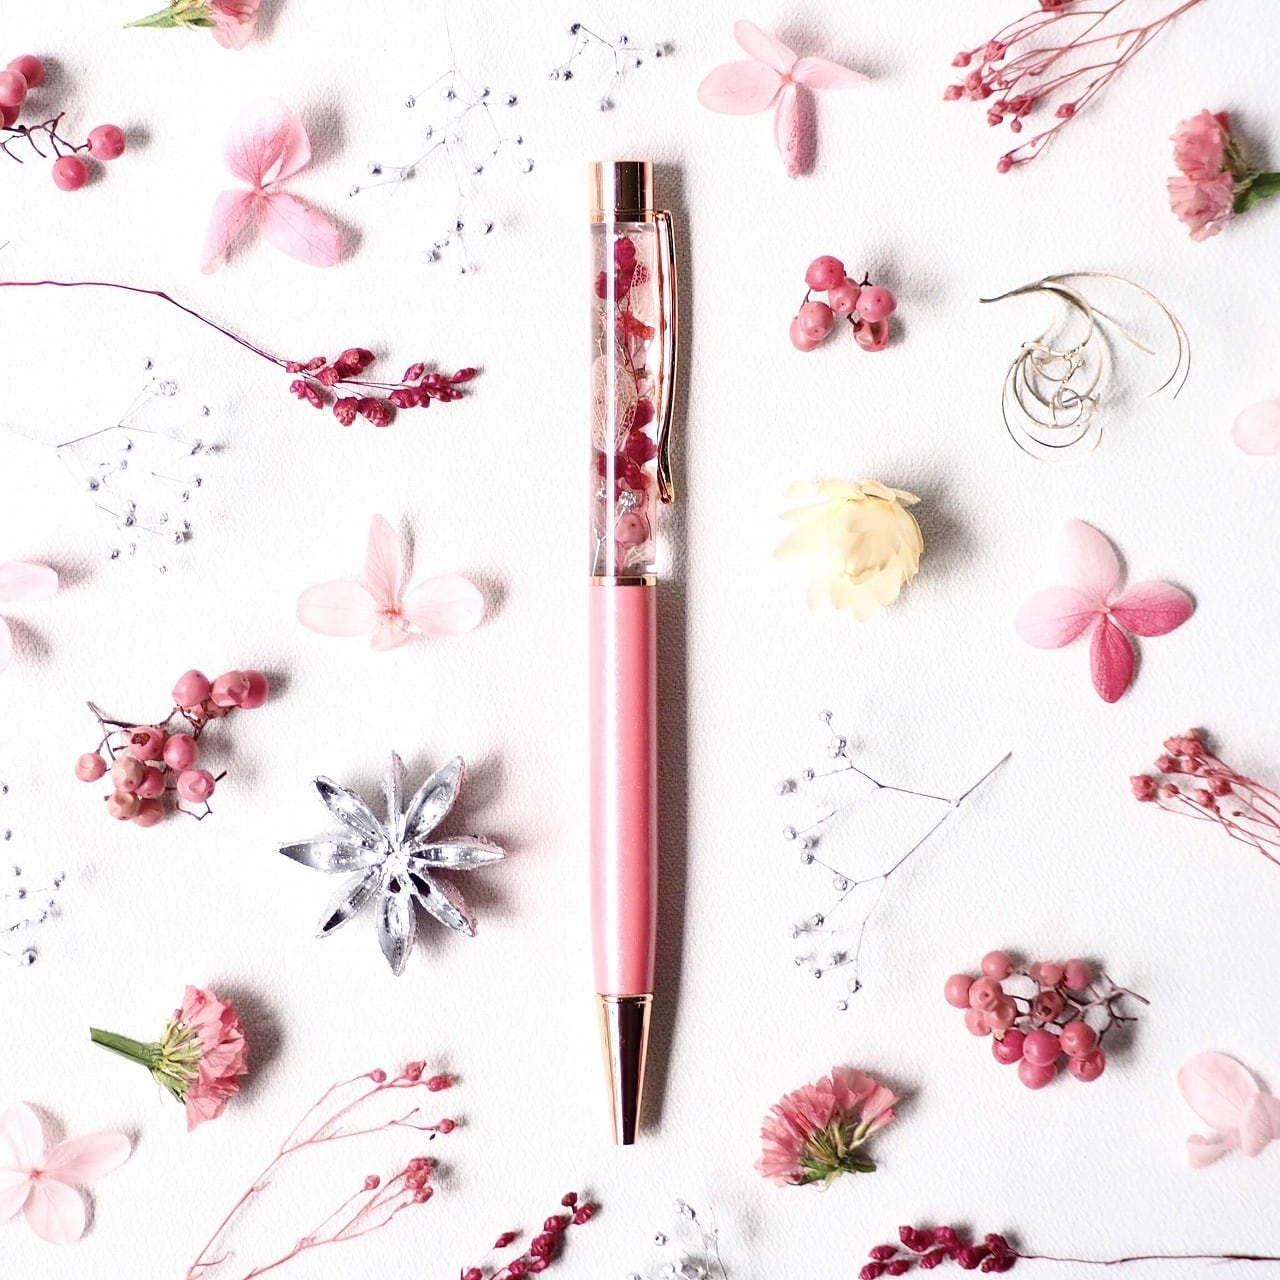 ハーバリウムボールペン『唐紅』(金属部:ローズゴールド)